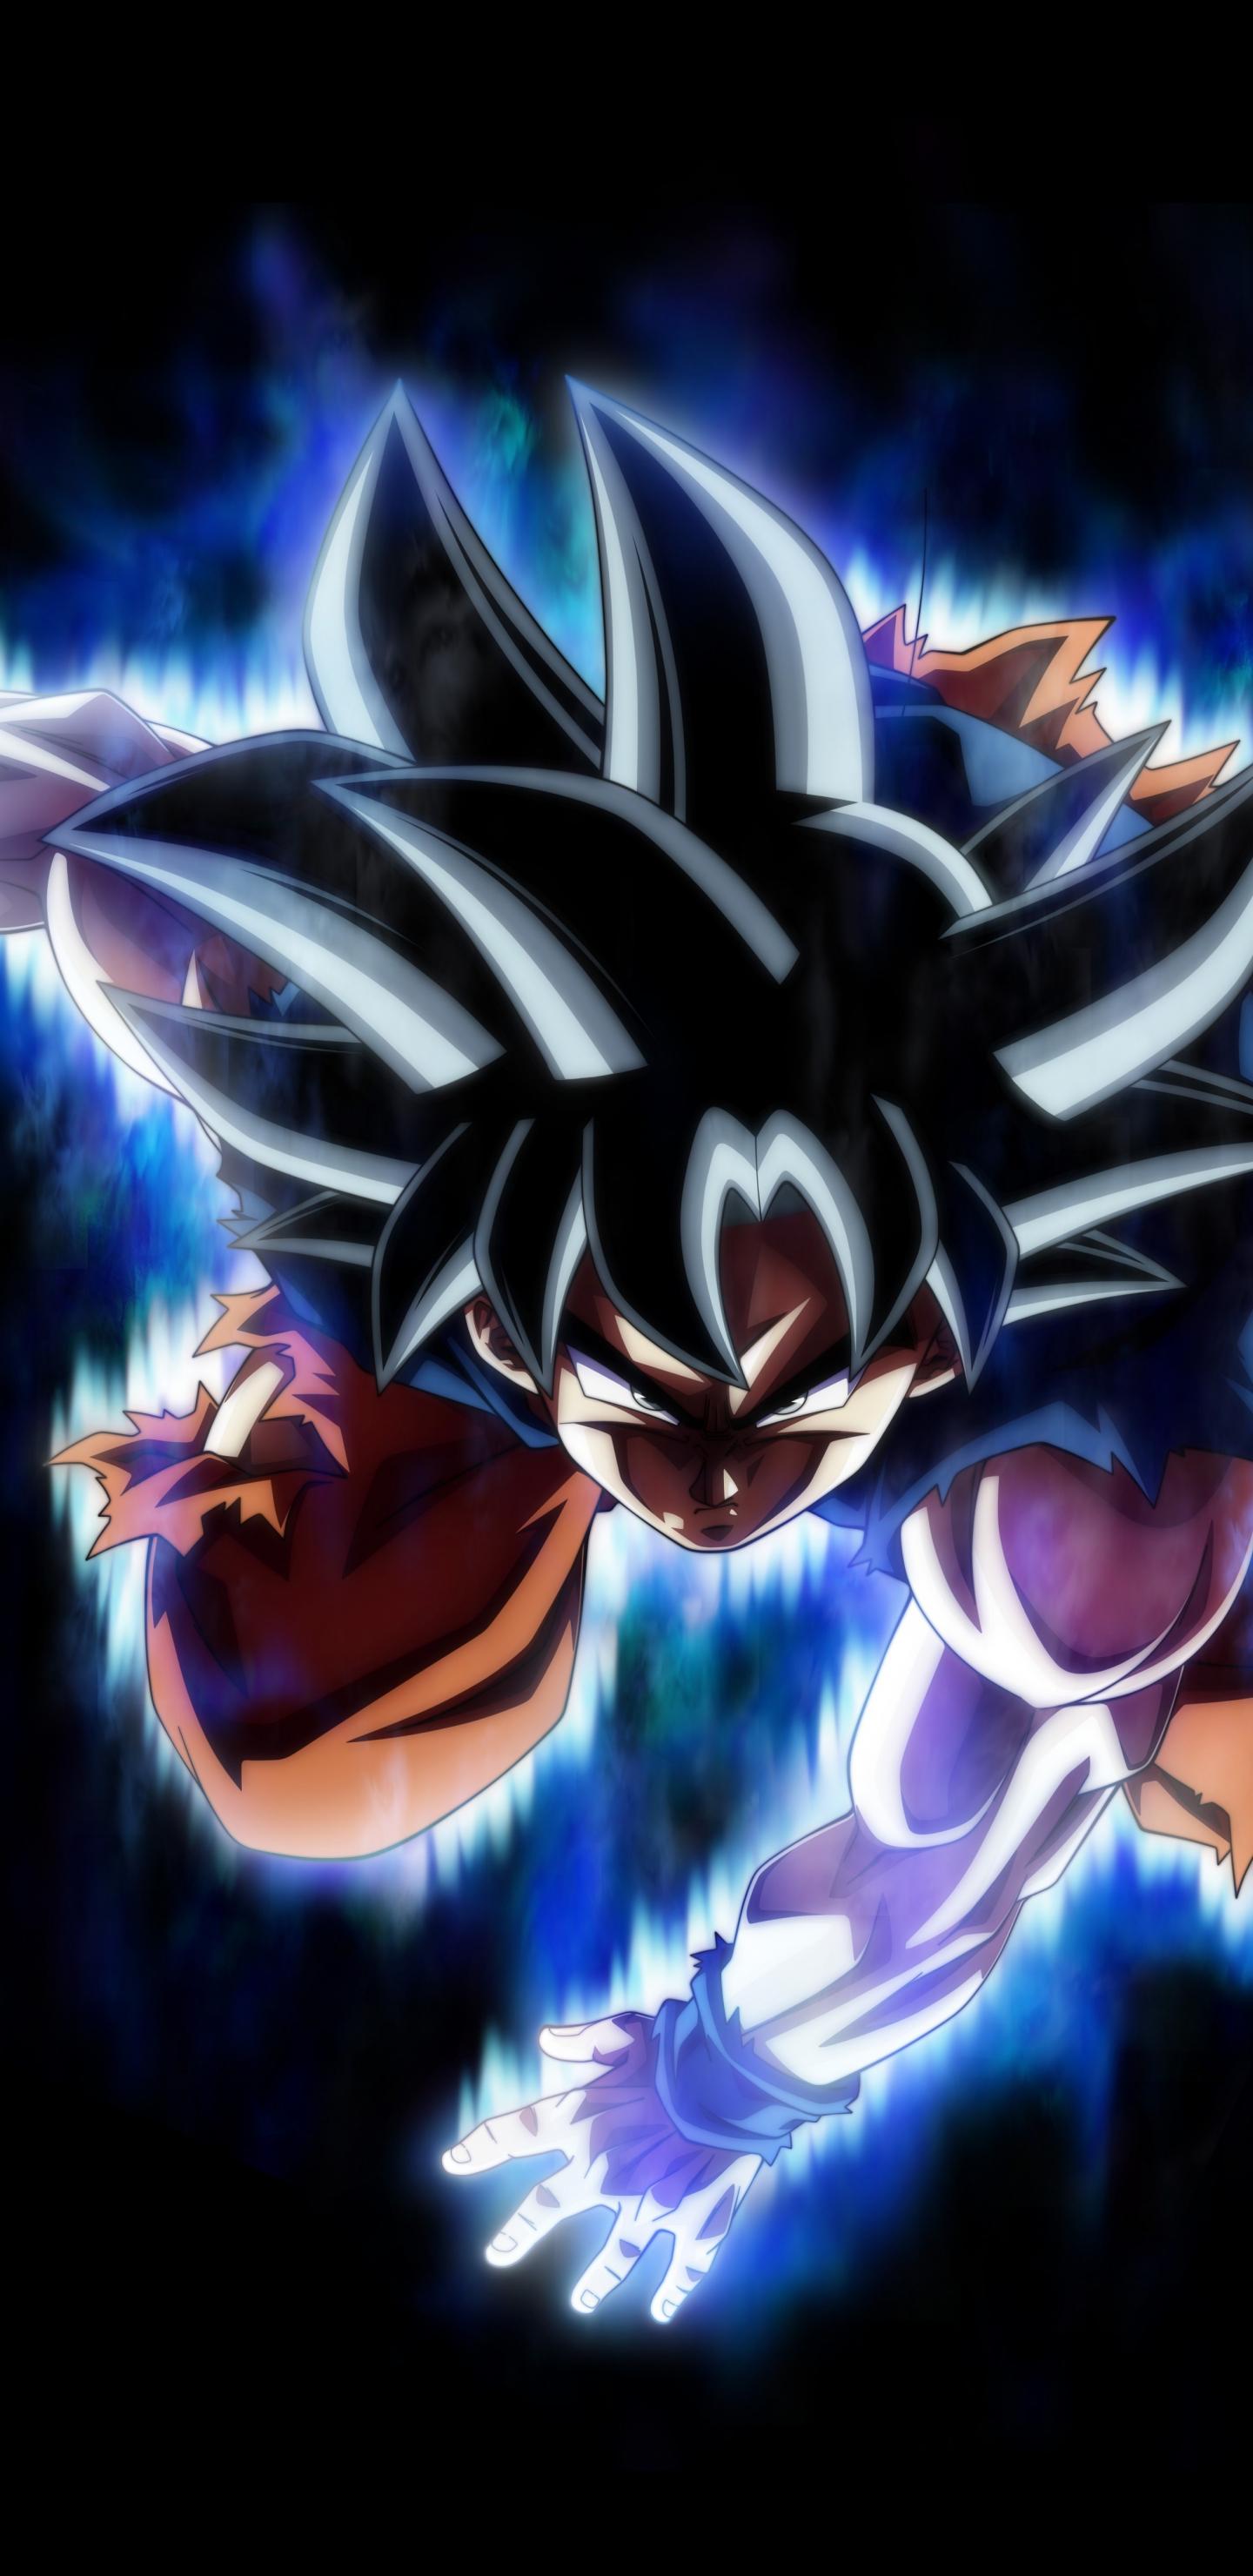 Download 1440x2960 Wallpaper Dragon Ball Super Super